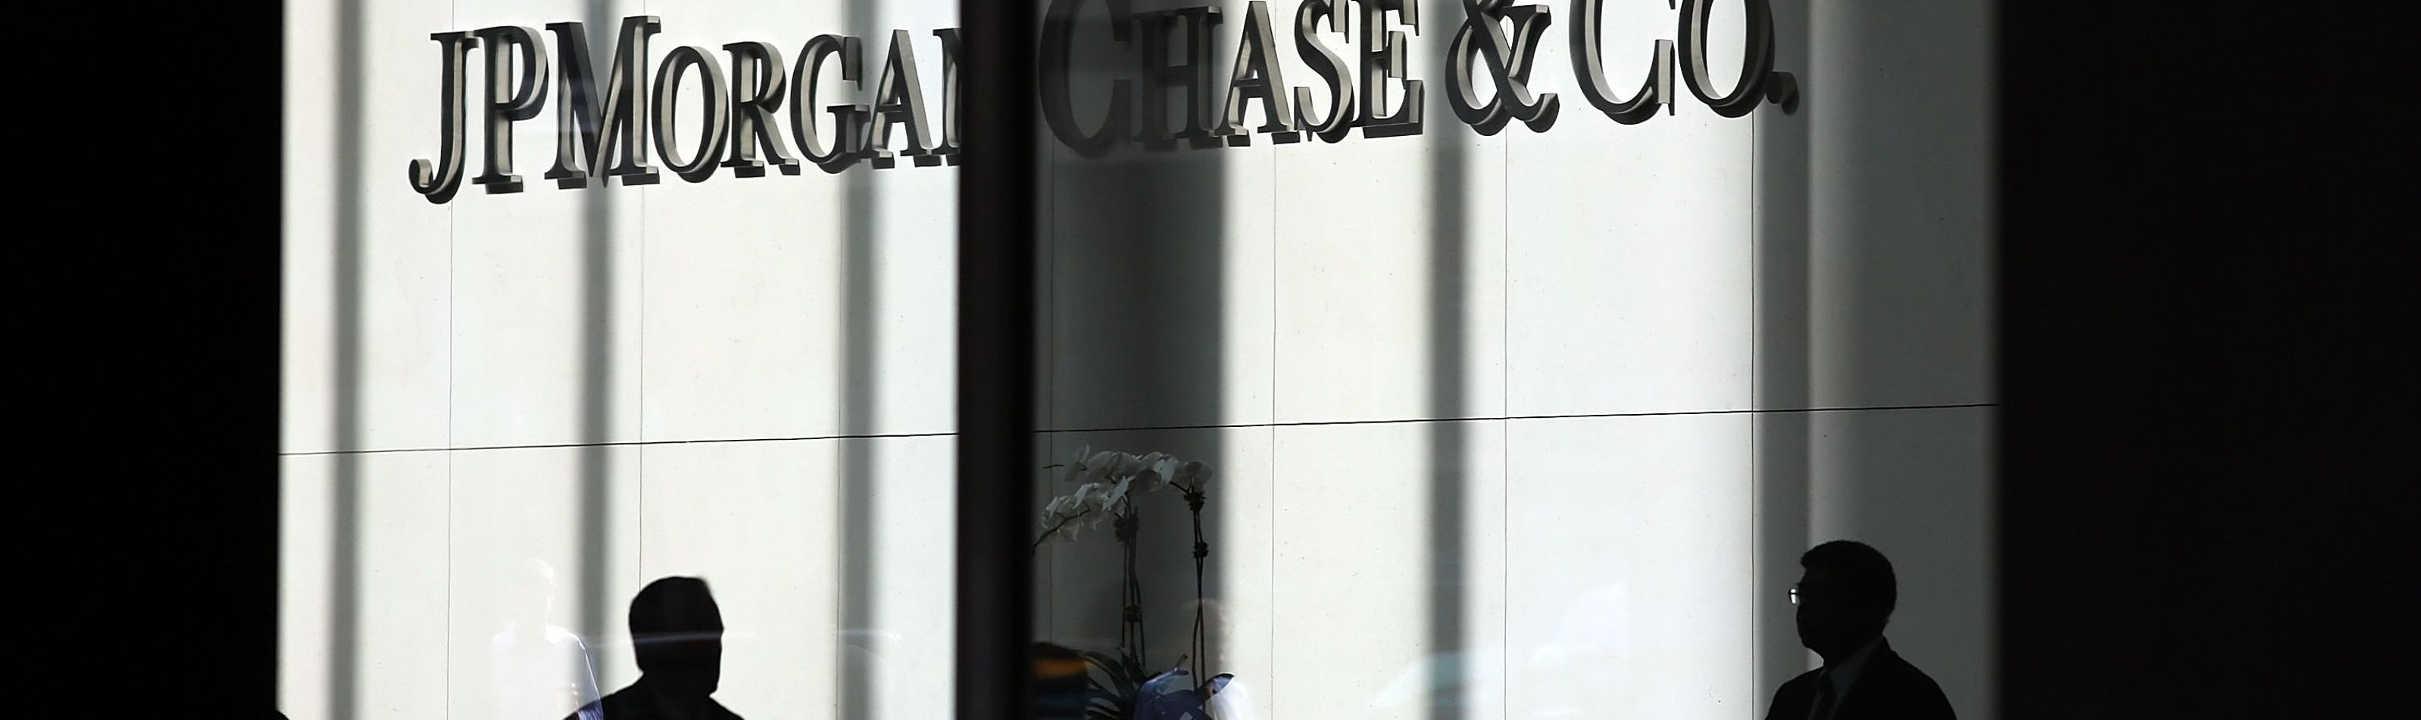 JPMorgan deve pagar US$ 2,5 milhões por sobretaxar compras de Bitcoin